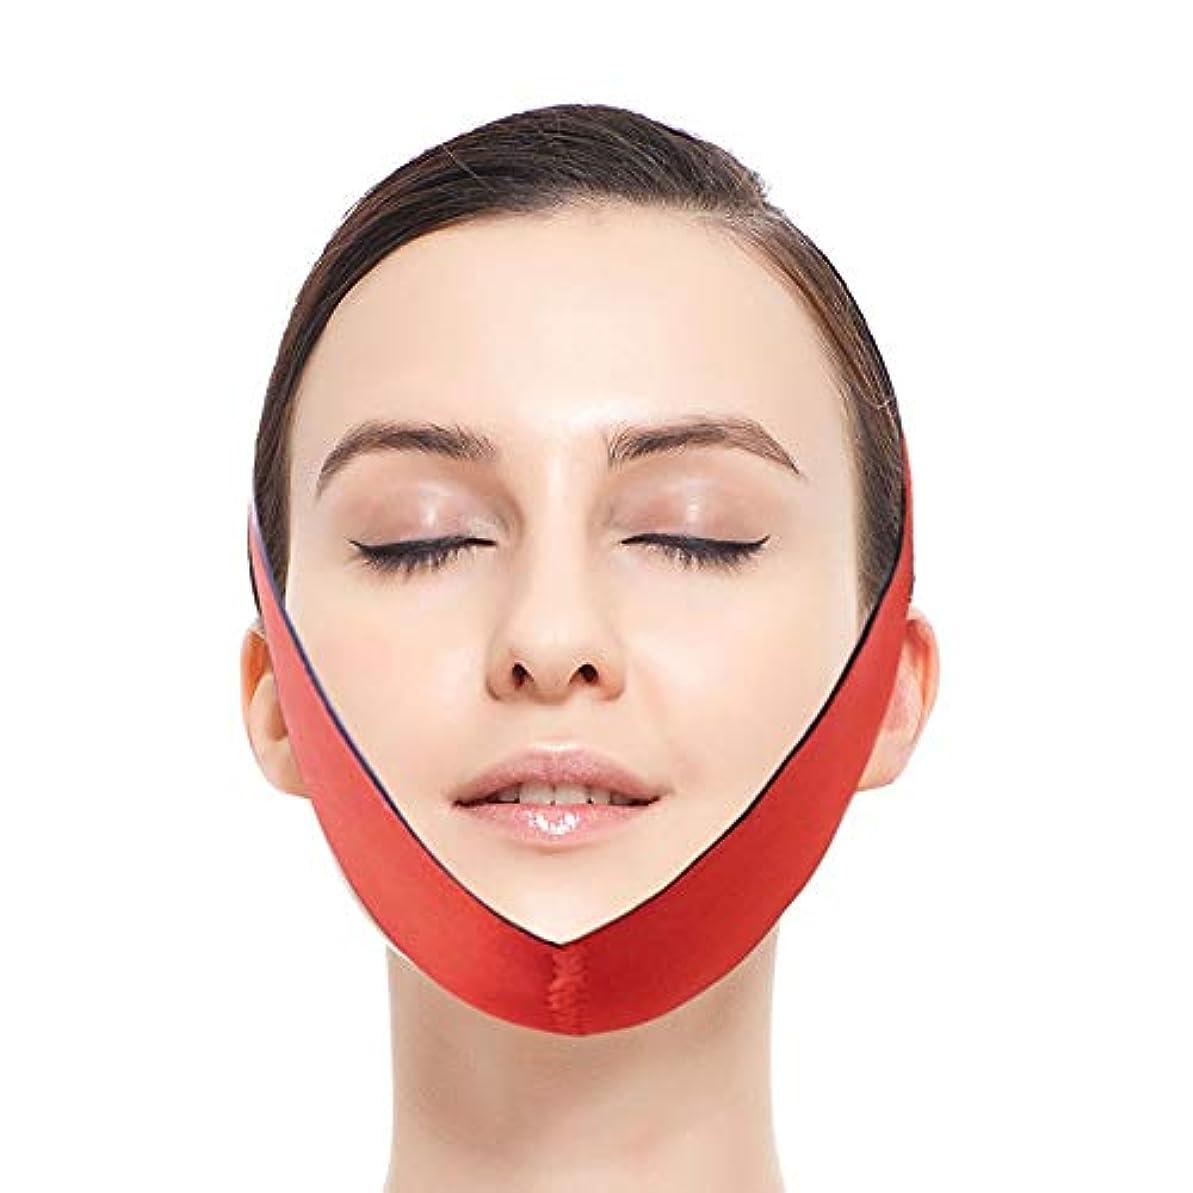 省略する引き付ける守るフェイスリフティングアーティファクトVフェイス包帯マスクダブルあご引き締め顔薄い咬傷筋肉下顎矯正顔